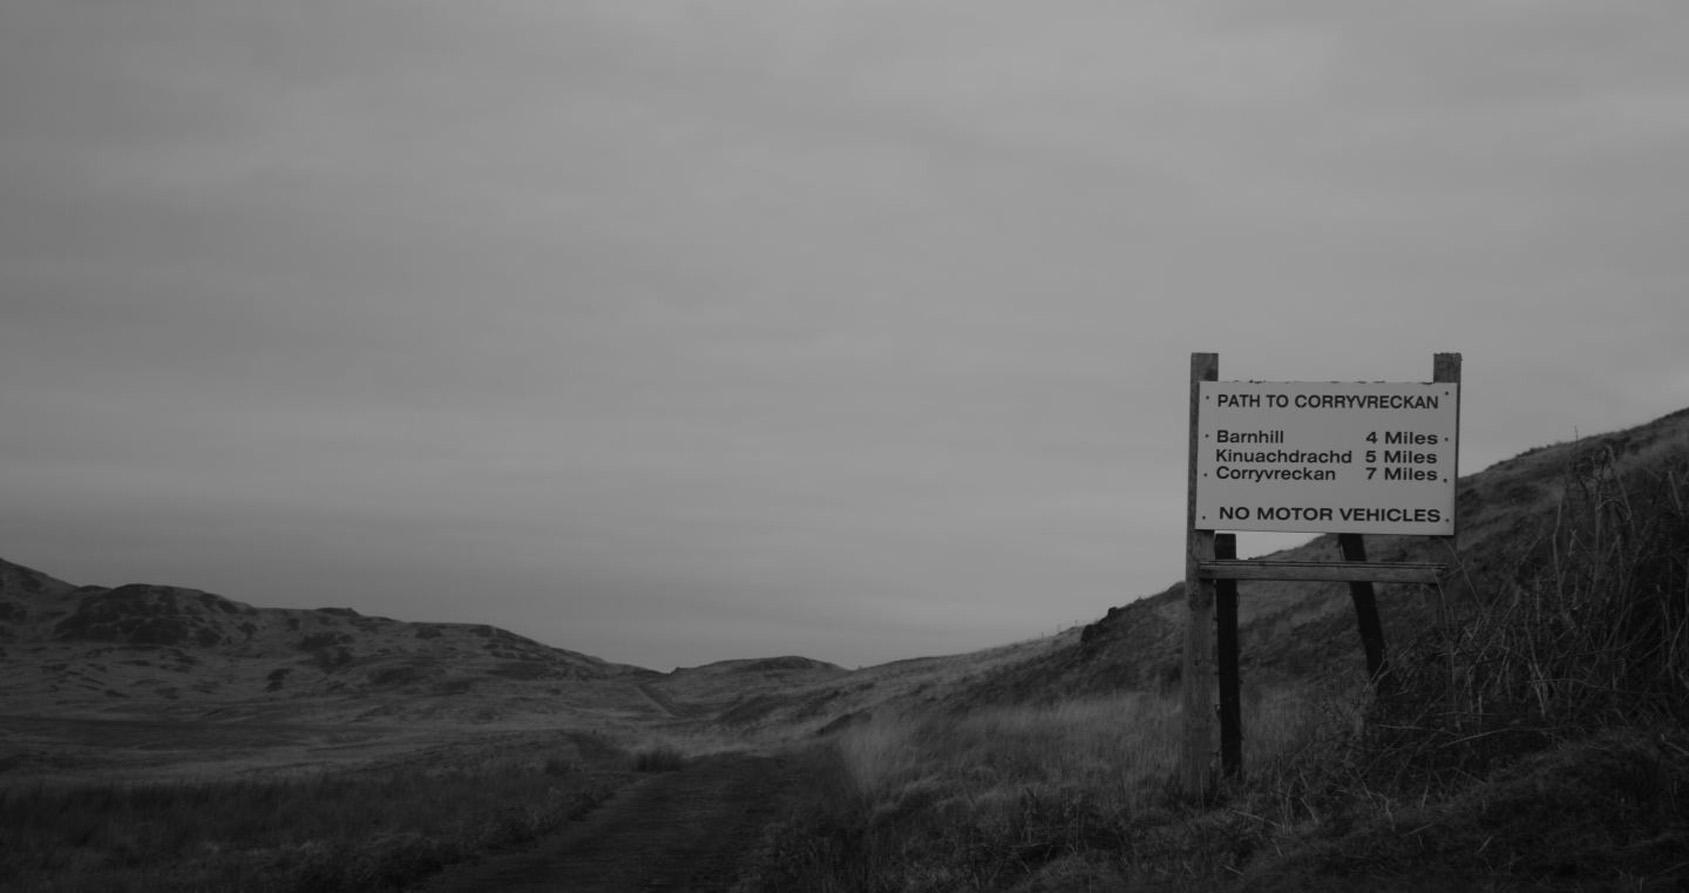 Barnhill à 6.5 km - Véhicules à moteur non autorisés Fin de l'A846 Crédits : Matthew Bremner